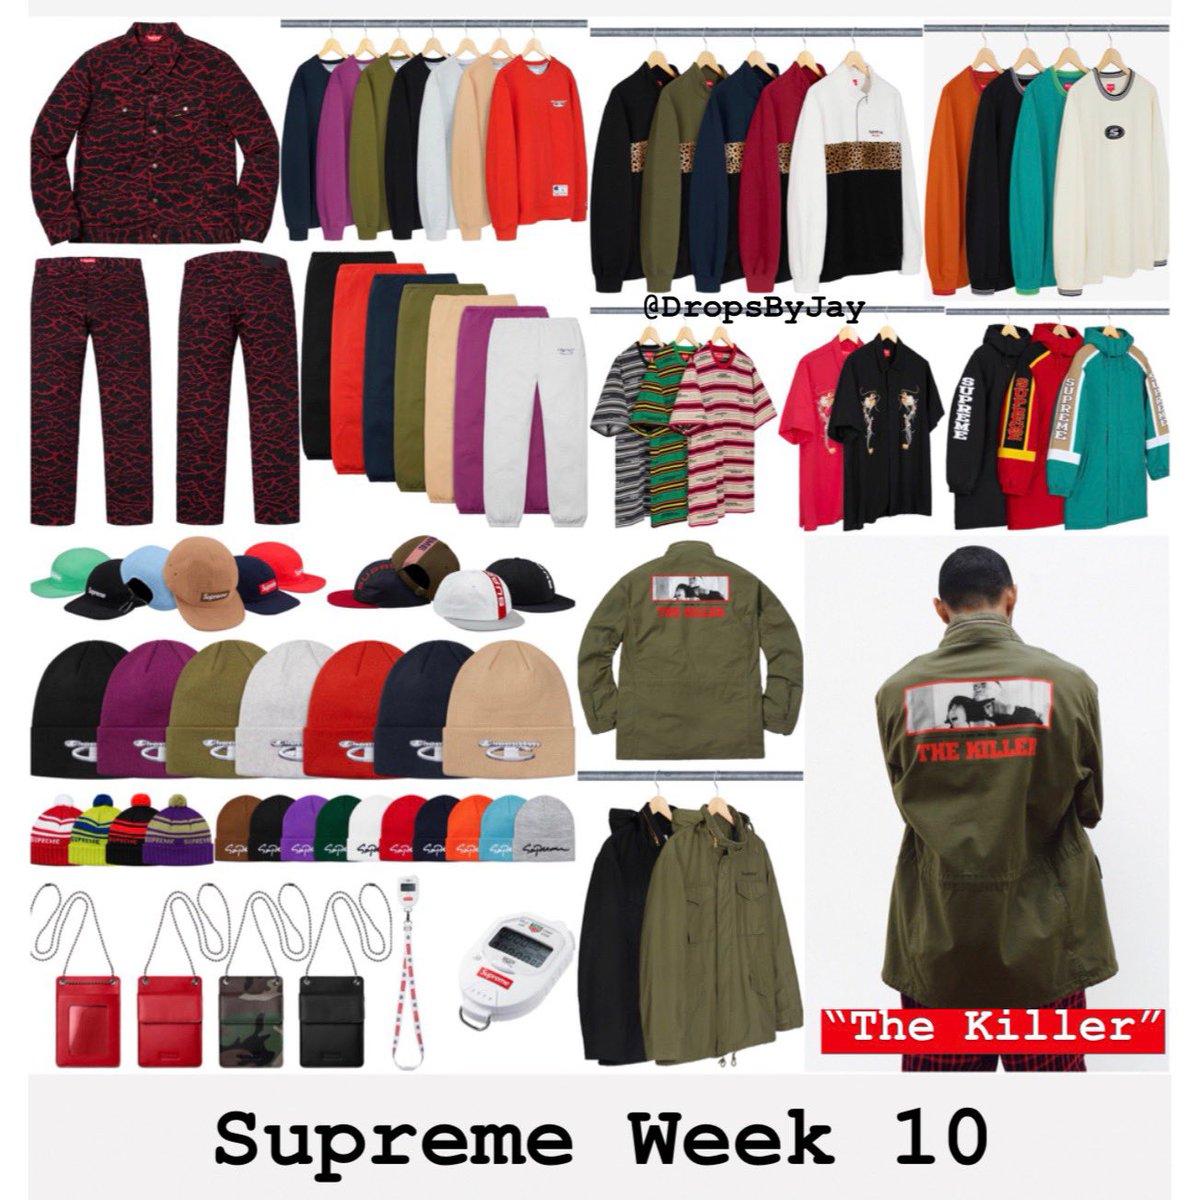 Supreme Week 10